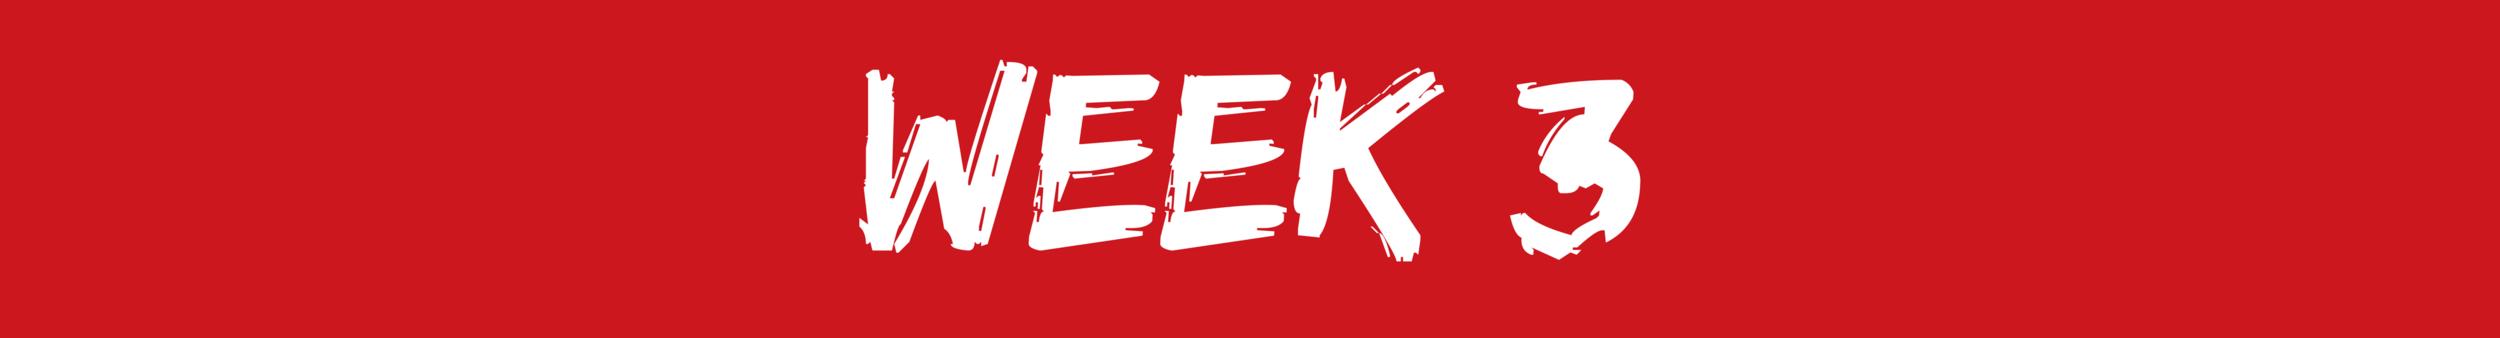 LCA4R week 3.png